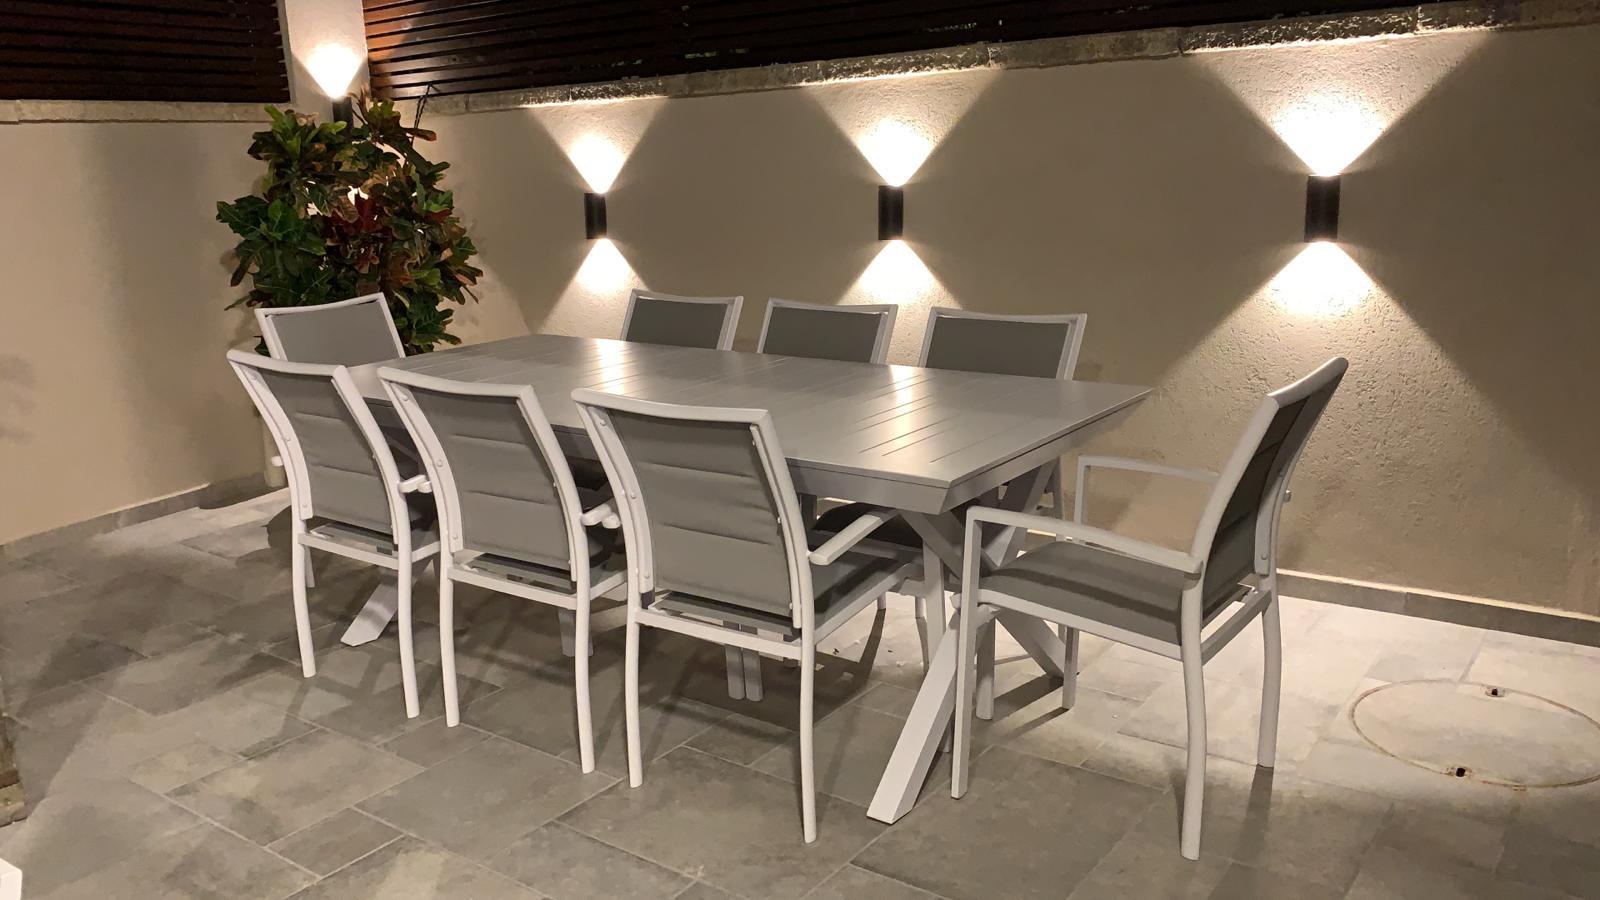 שולחן נפתח לגינה דגם X מידות 216x100 נפתח ל-297 במגוון צבעים